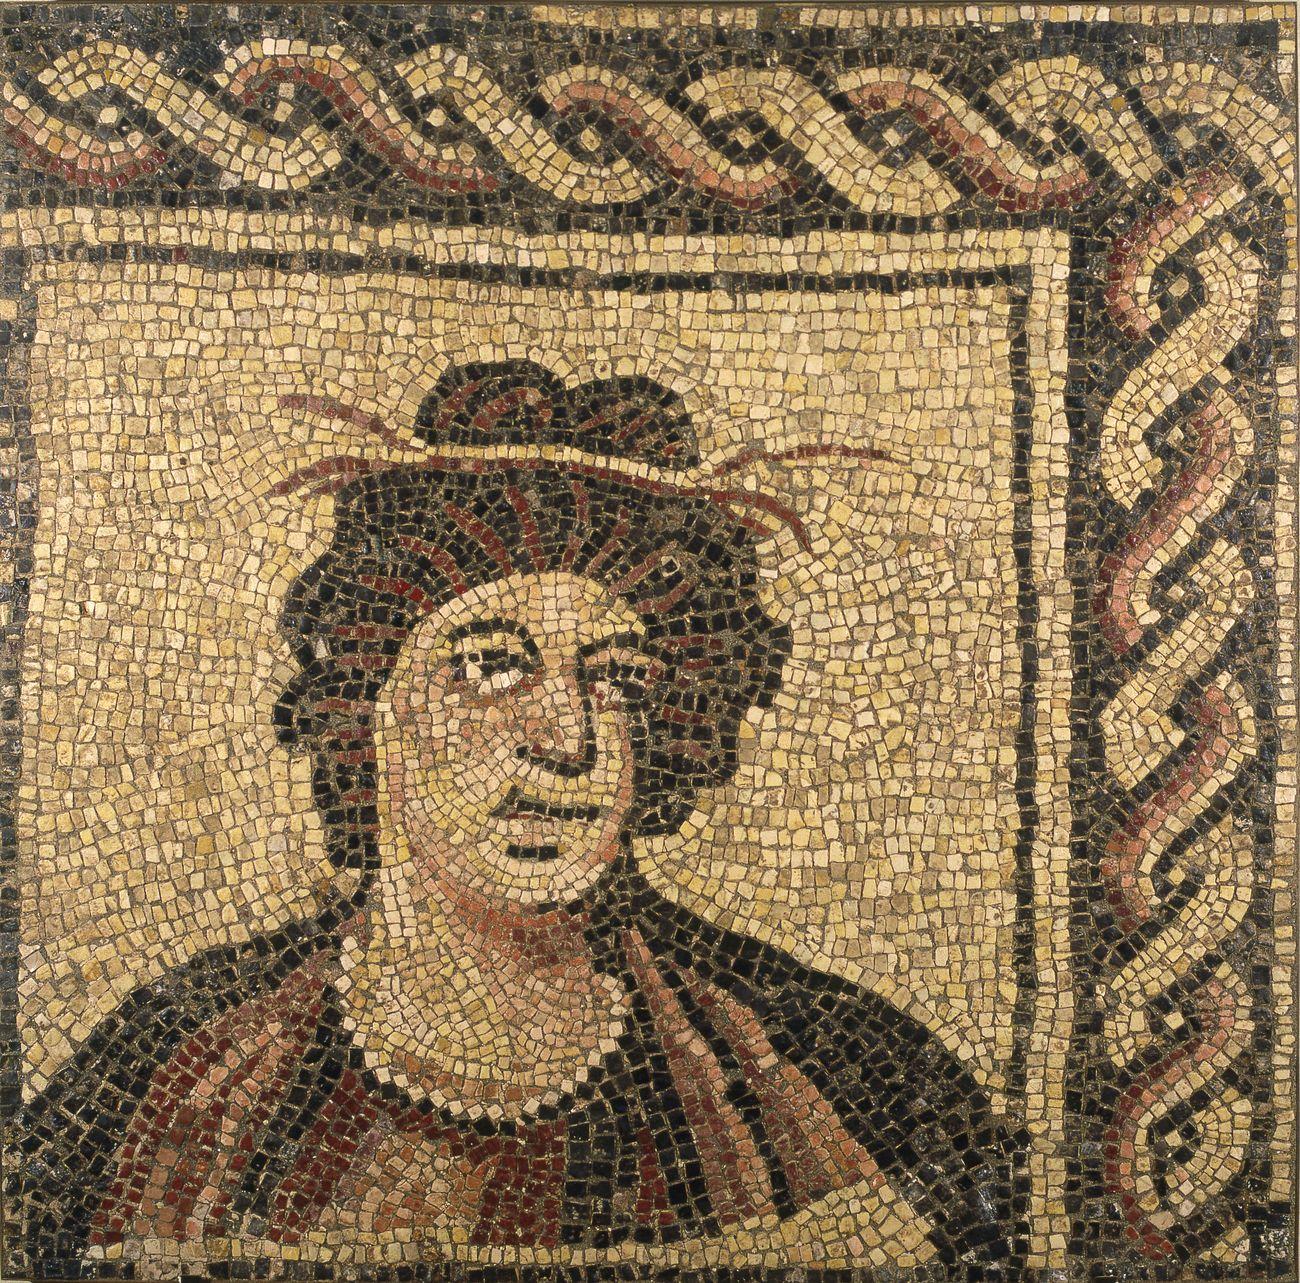 Musei Capitolini, Antiquarium, Mosaico policromo con busto di stagione, tessere di calcare bianco e pietre colorate, fine III inizi IV sec. d.C.